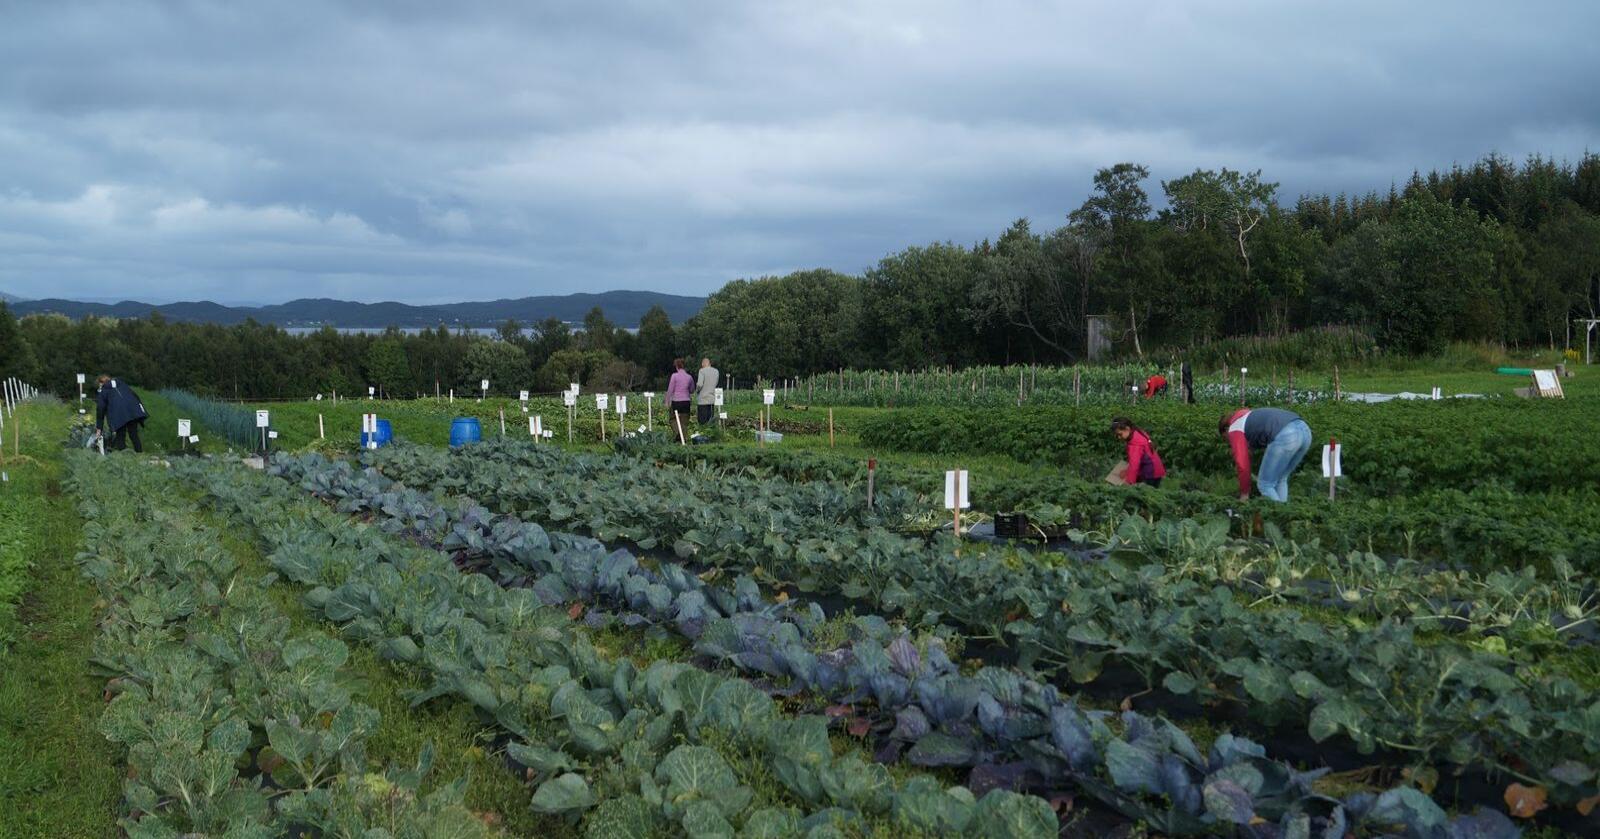 På grunn av korona-krisa kan norske bønder bli nødt til å få hjelp av norske sesongarbeidere dette året. Foto: Hilde Danielsen